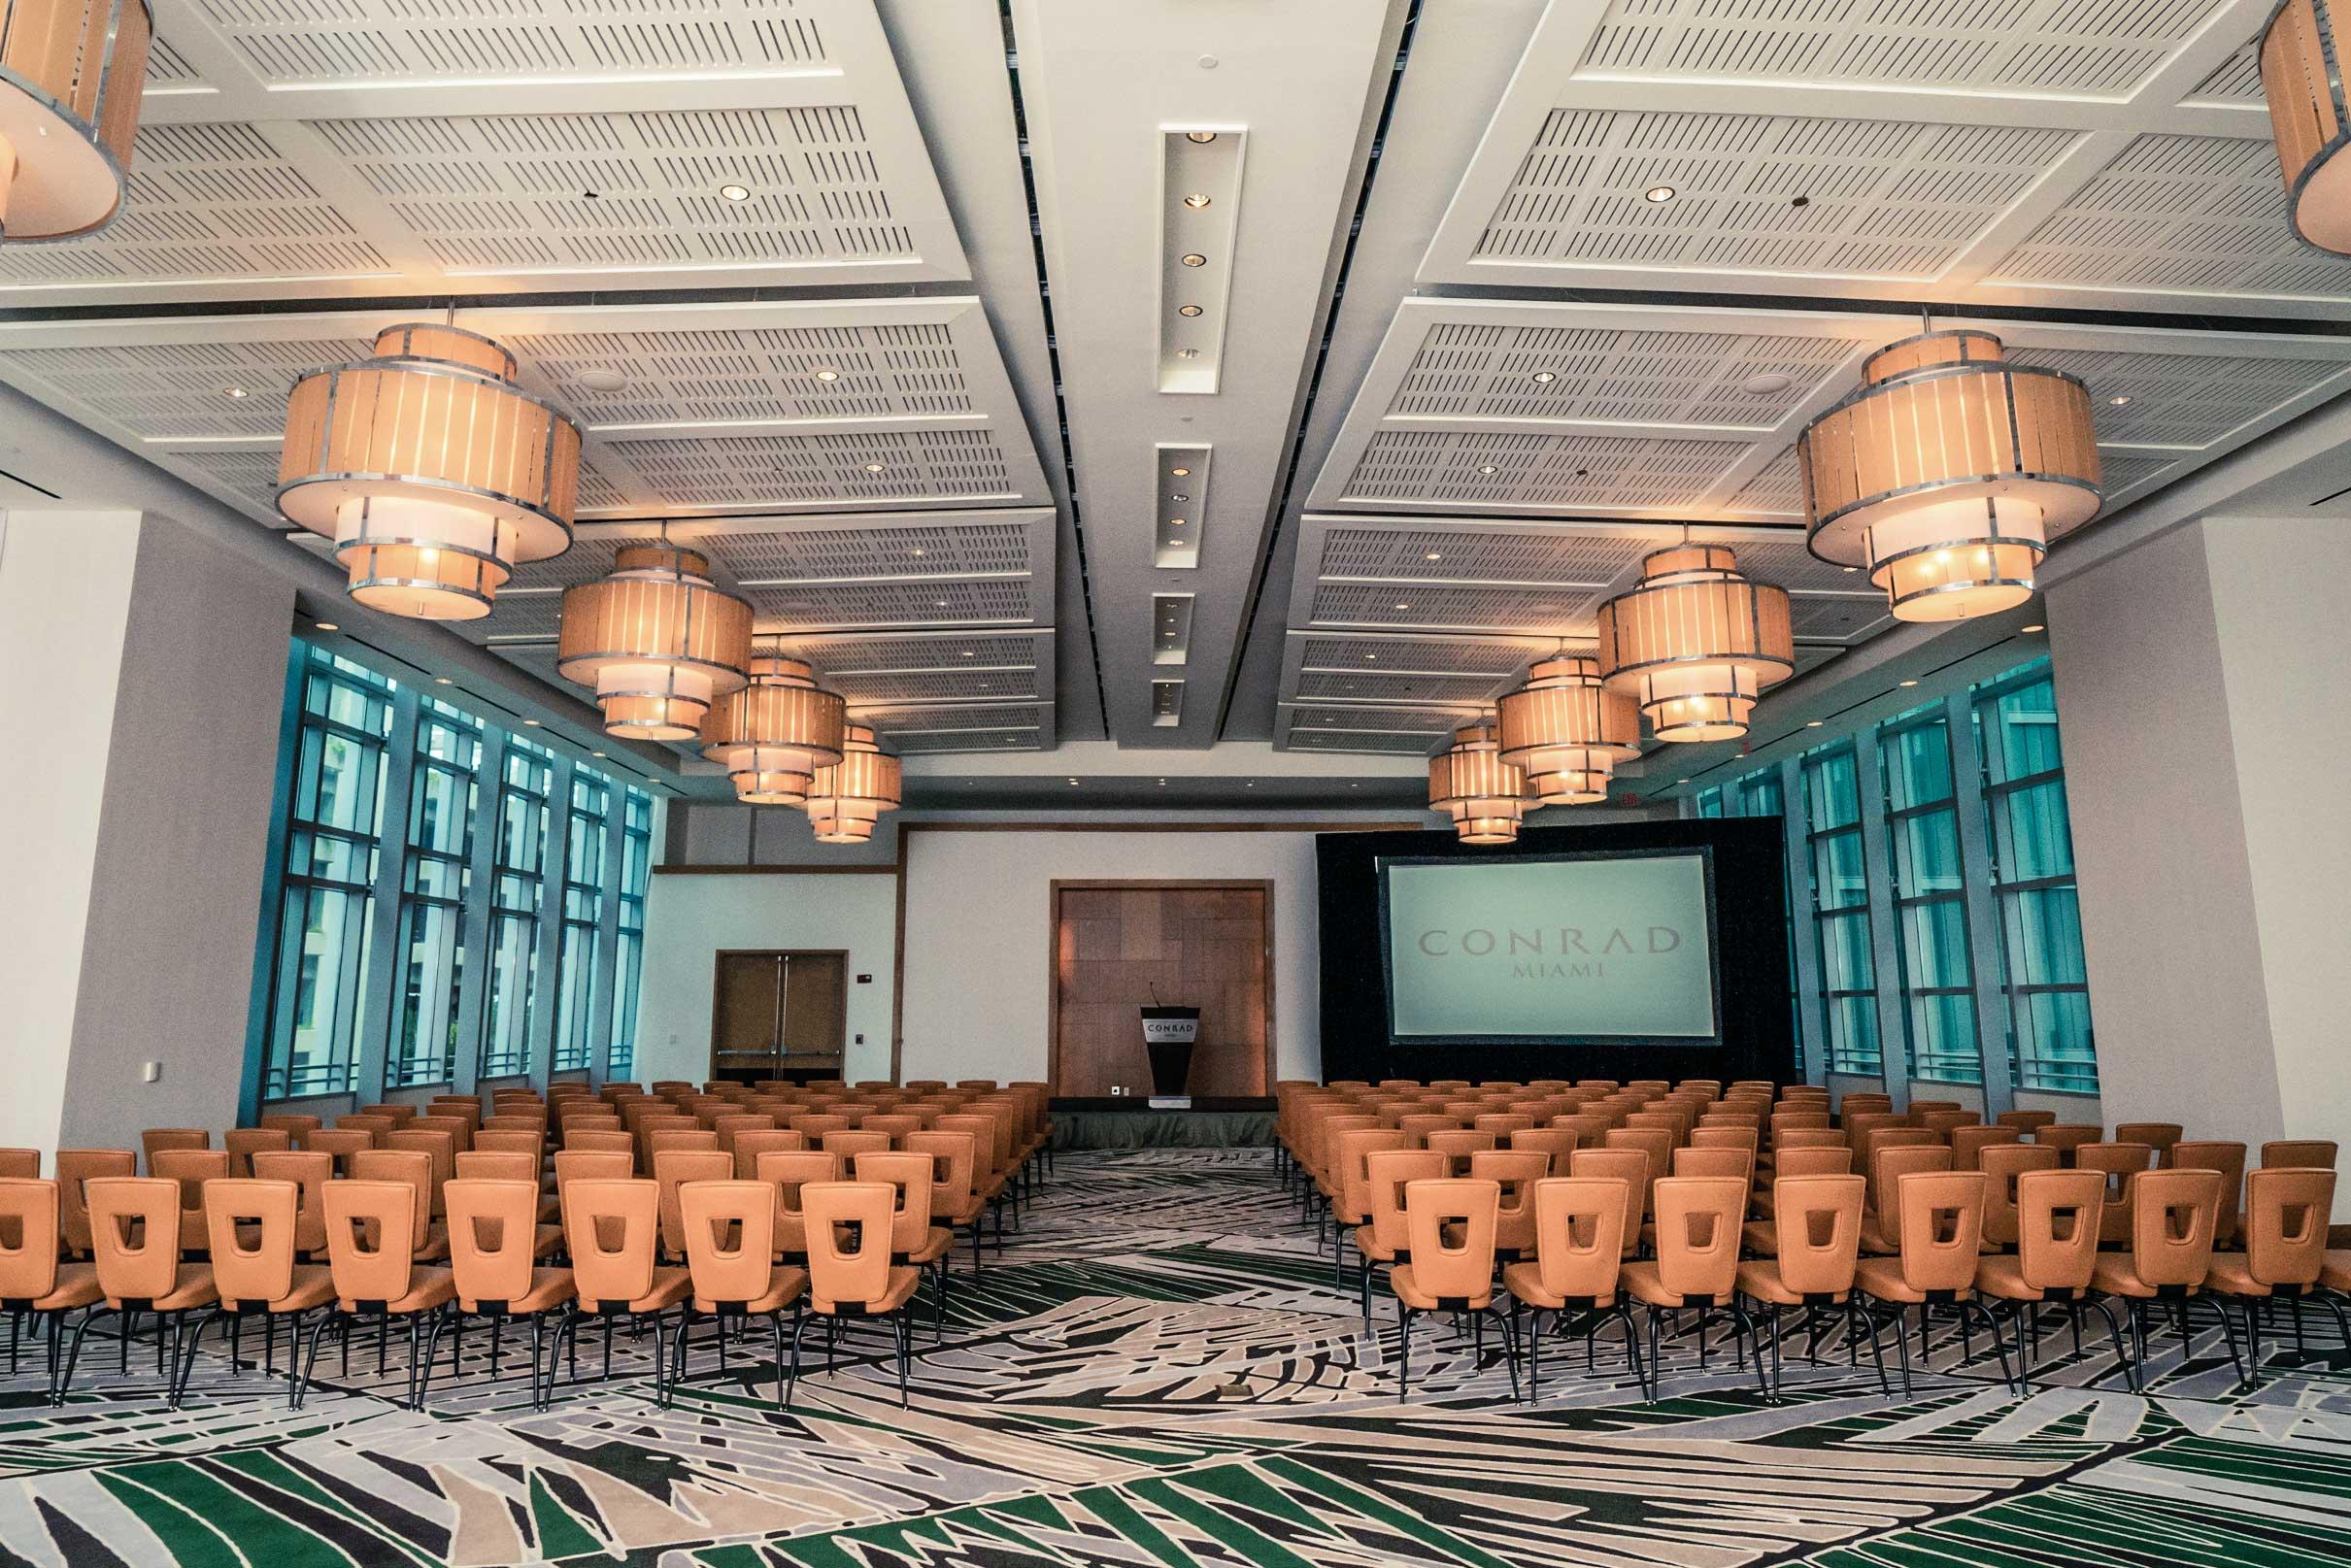 Conrad-Miami_Photo-4.jpg